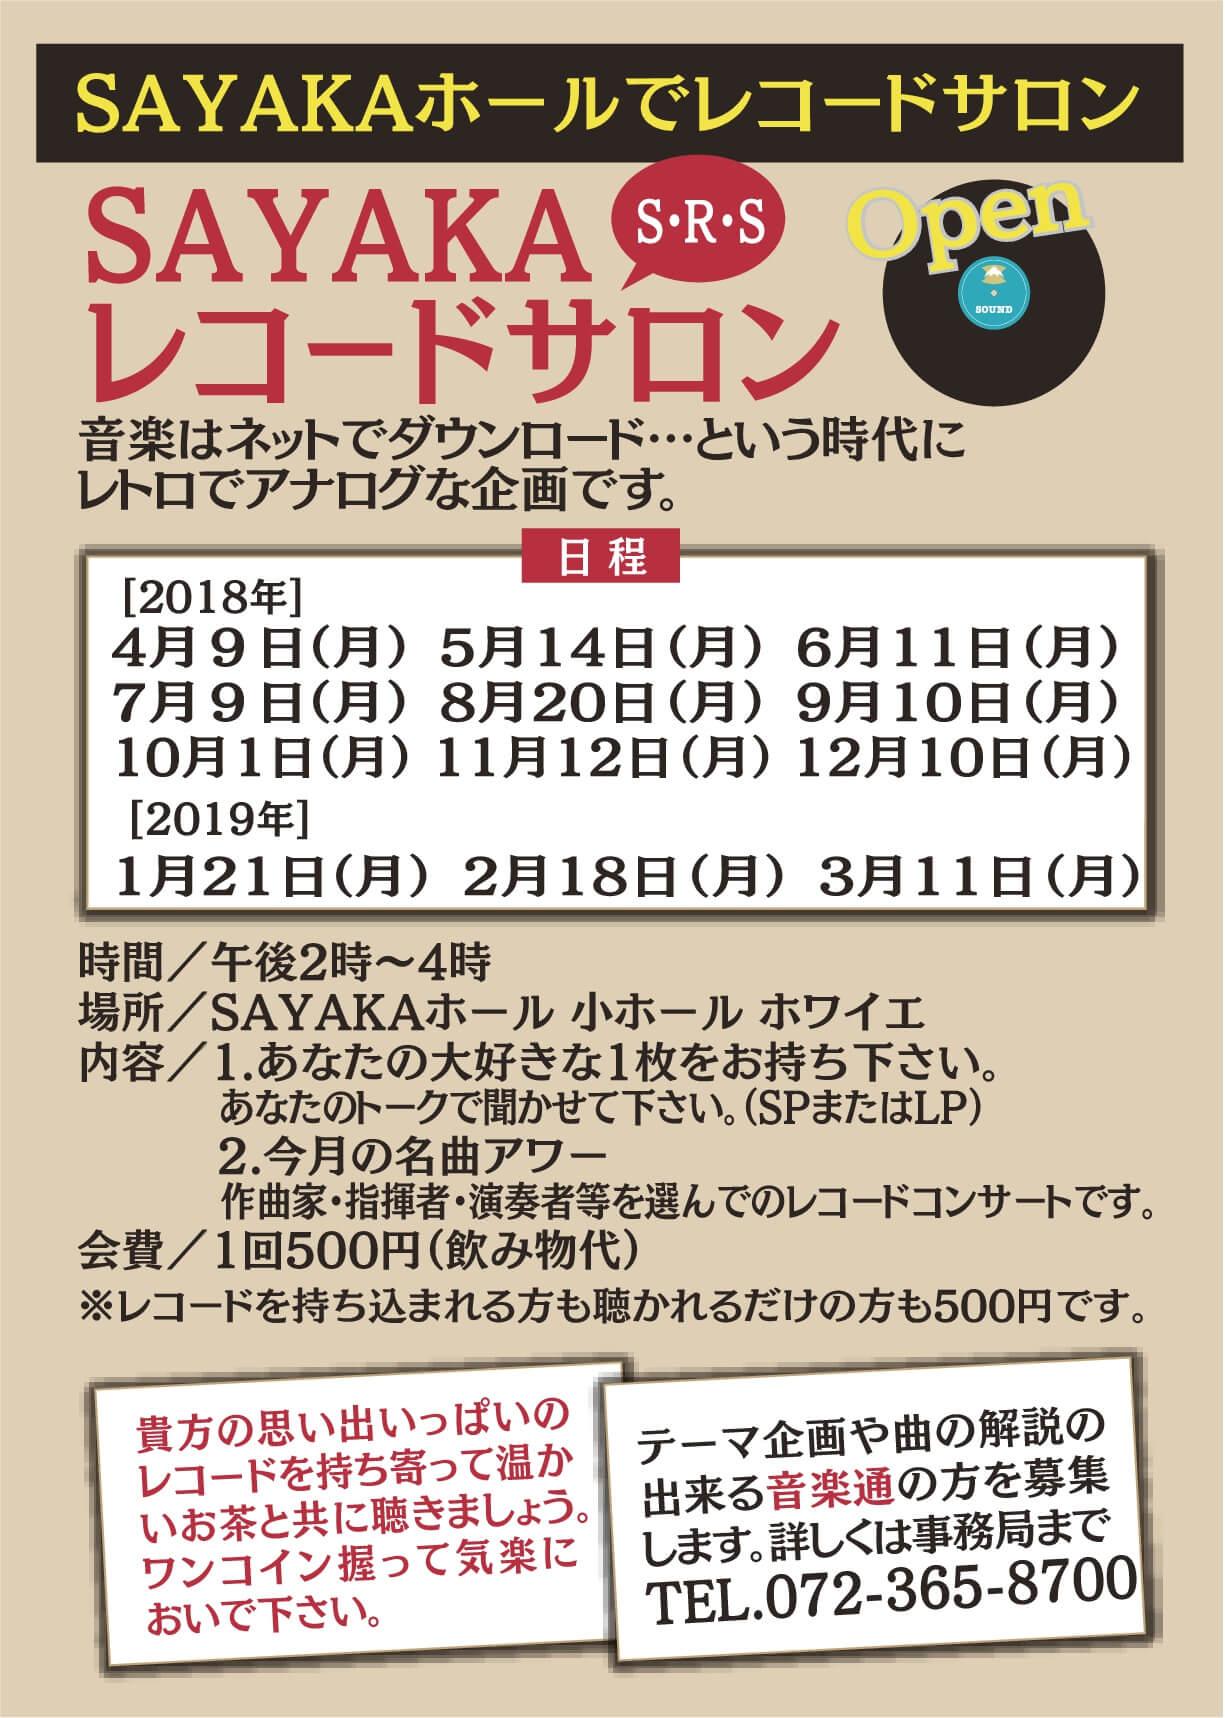 SAYAKAホールでレコードサロン「SAYAKAレコードサロン」